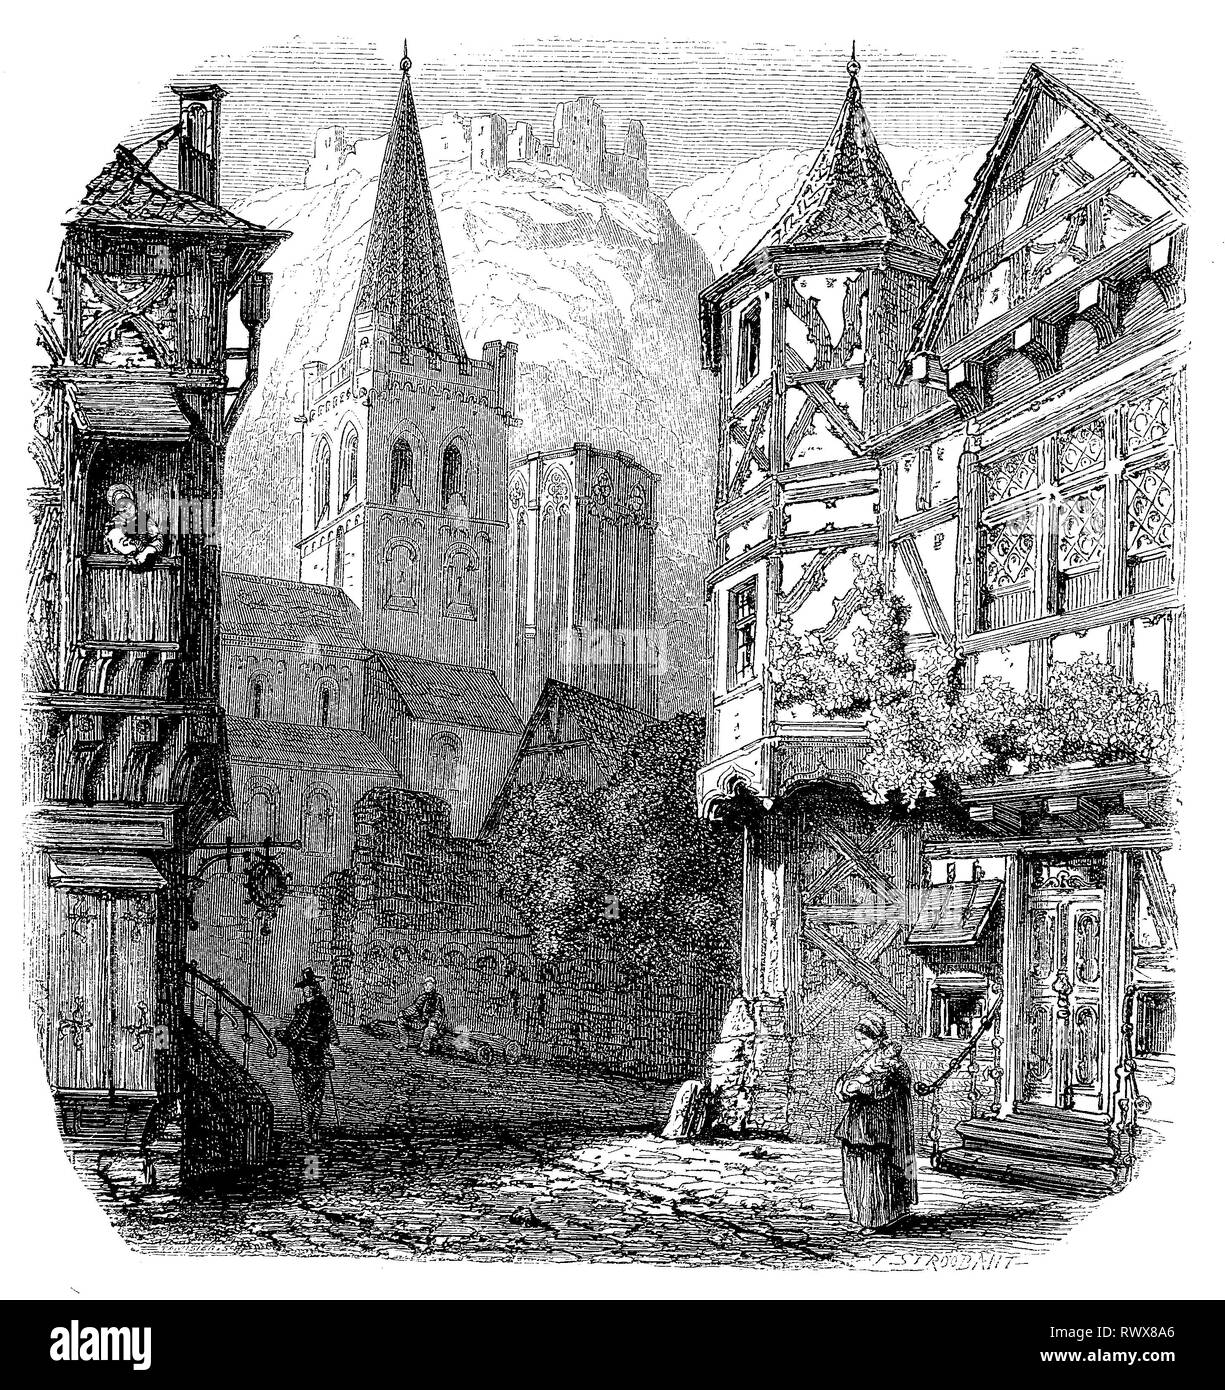 Bacharach am Rhein, Rheinland Pfalz, Deutschland   /  Bacharach, a town in the Mainz-Bingen district in Rhineland-Palatinate, Germany - Stock Image